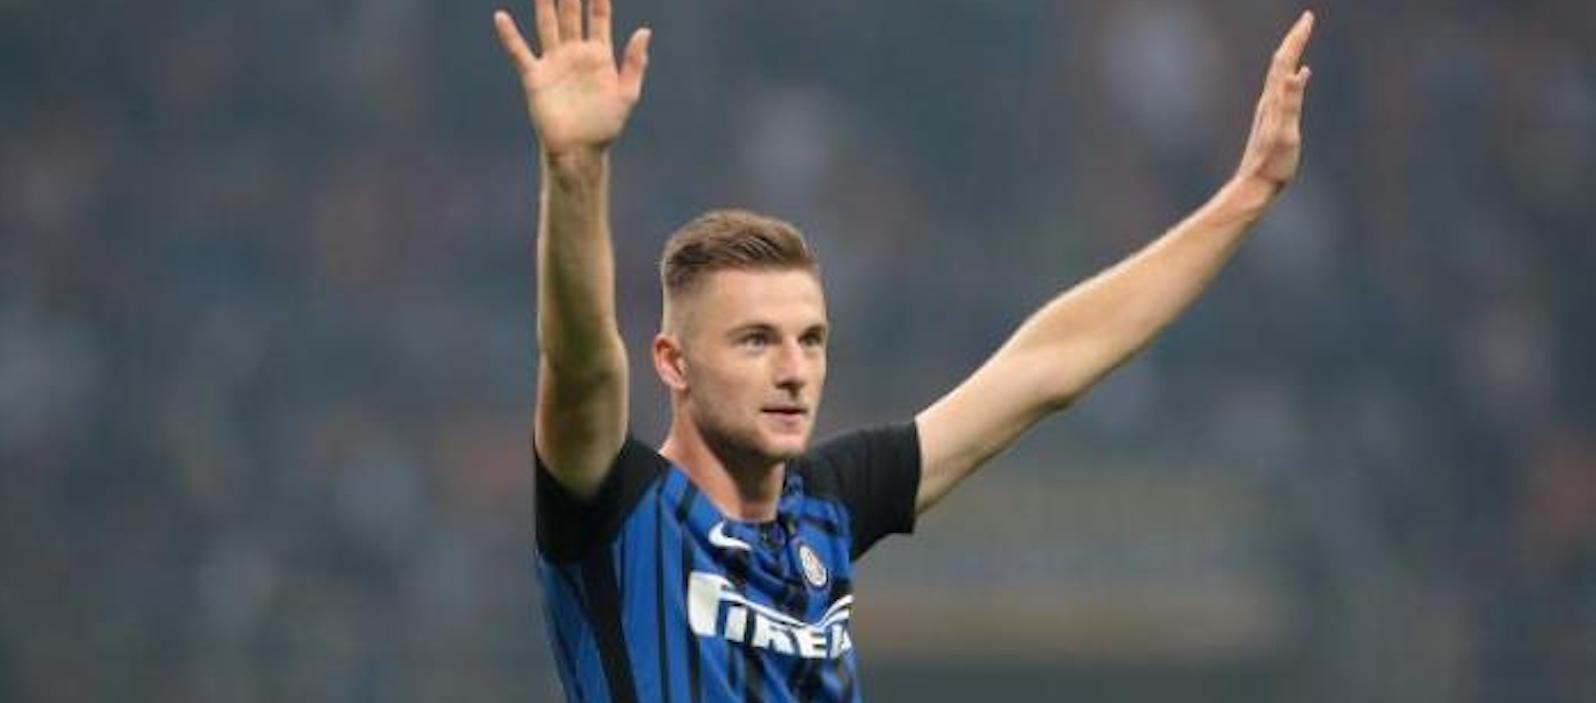 Jose Mourinho eyeing Alessio Romagnoli and Milan Skriniar transfers: report